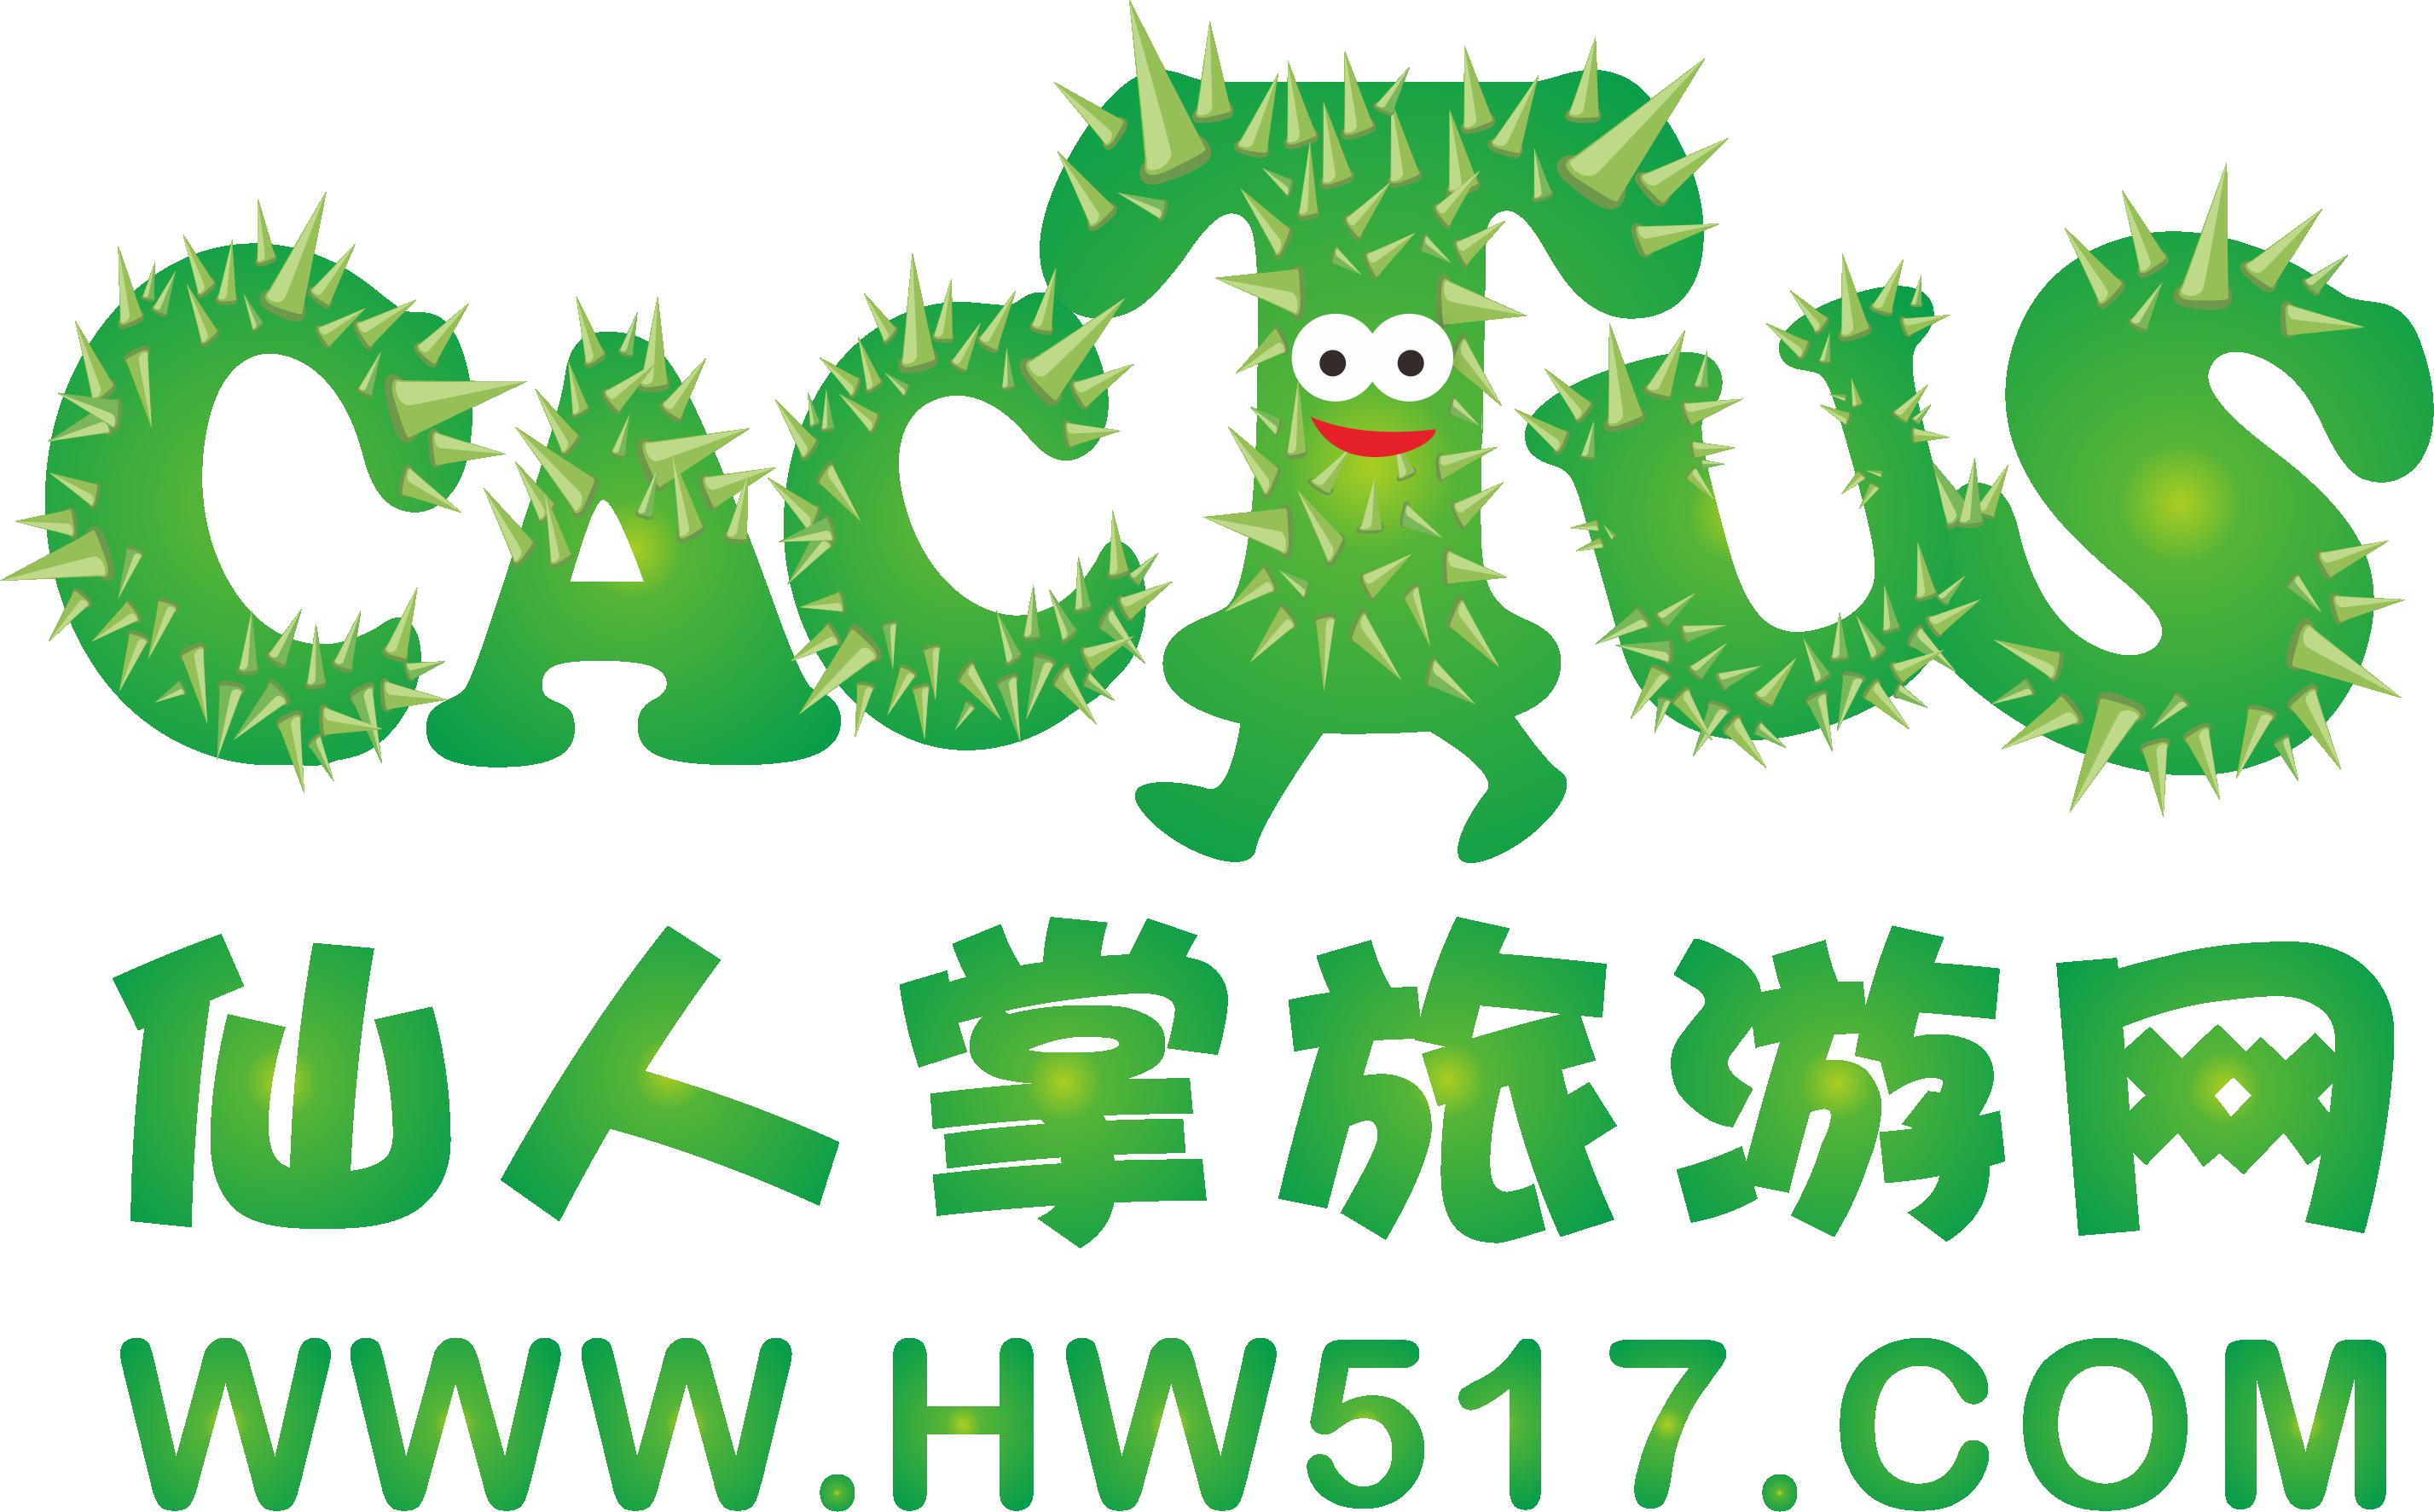 【仙人掌旅游】宁波方特东方神画世界高科技乐园特价一日游